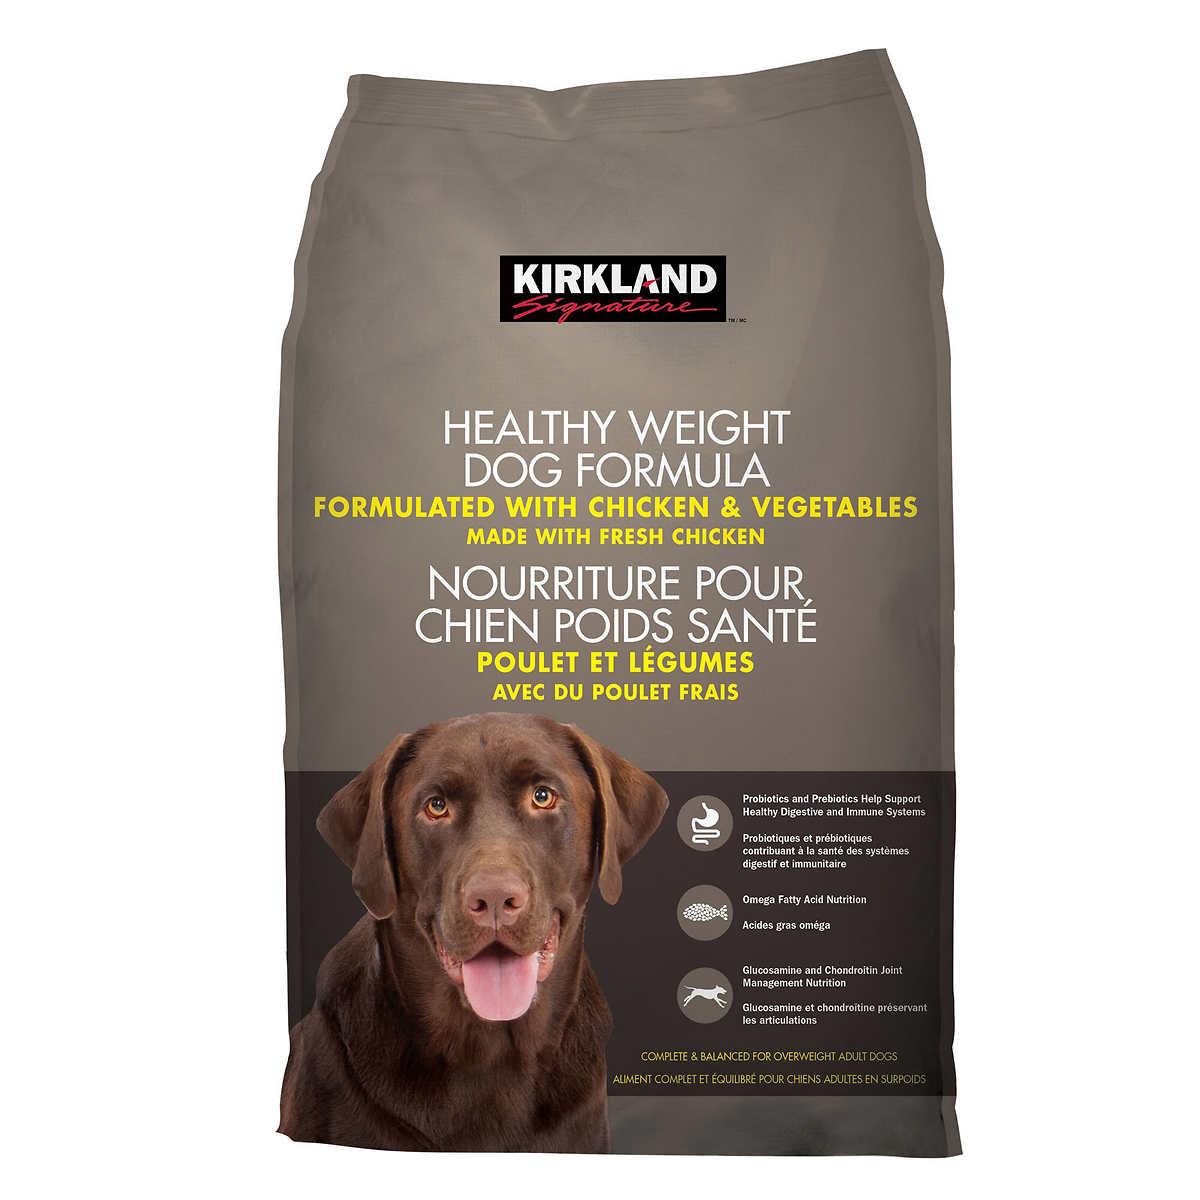 Kirkland Healthy Weight Dog Food